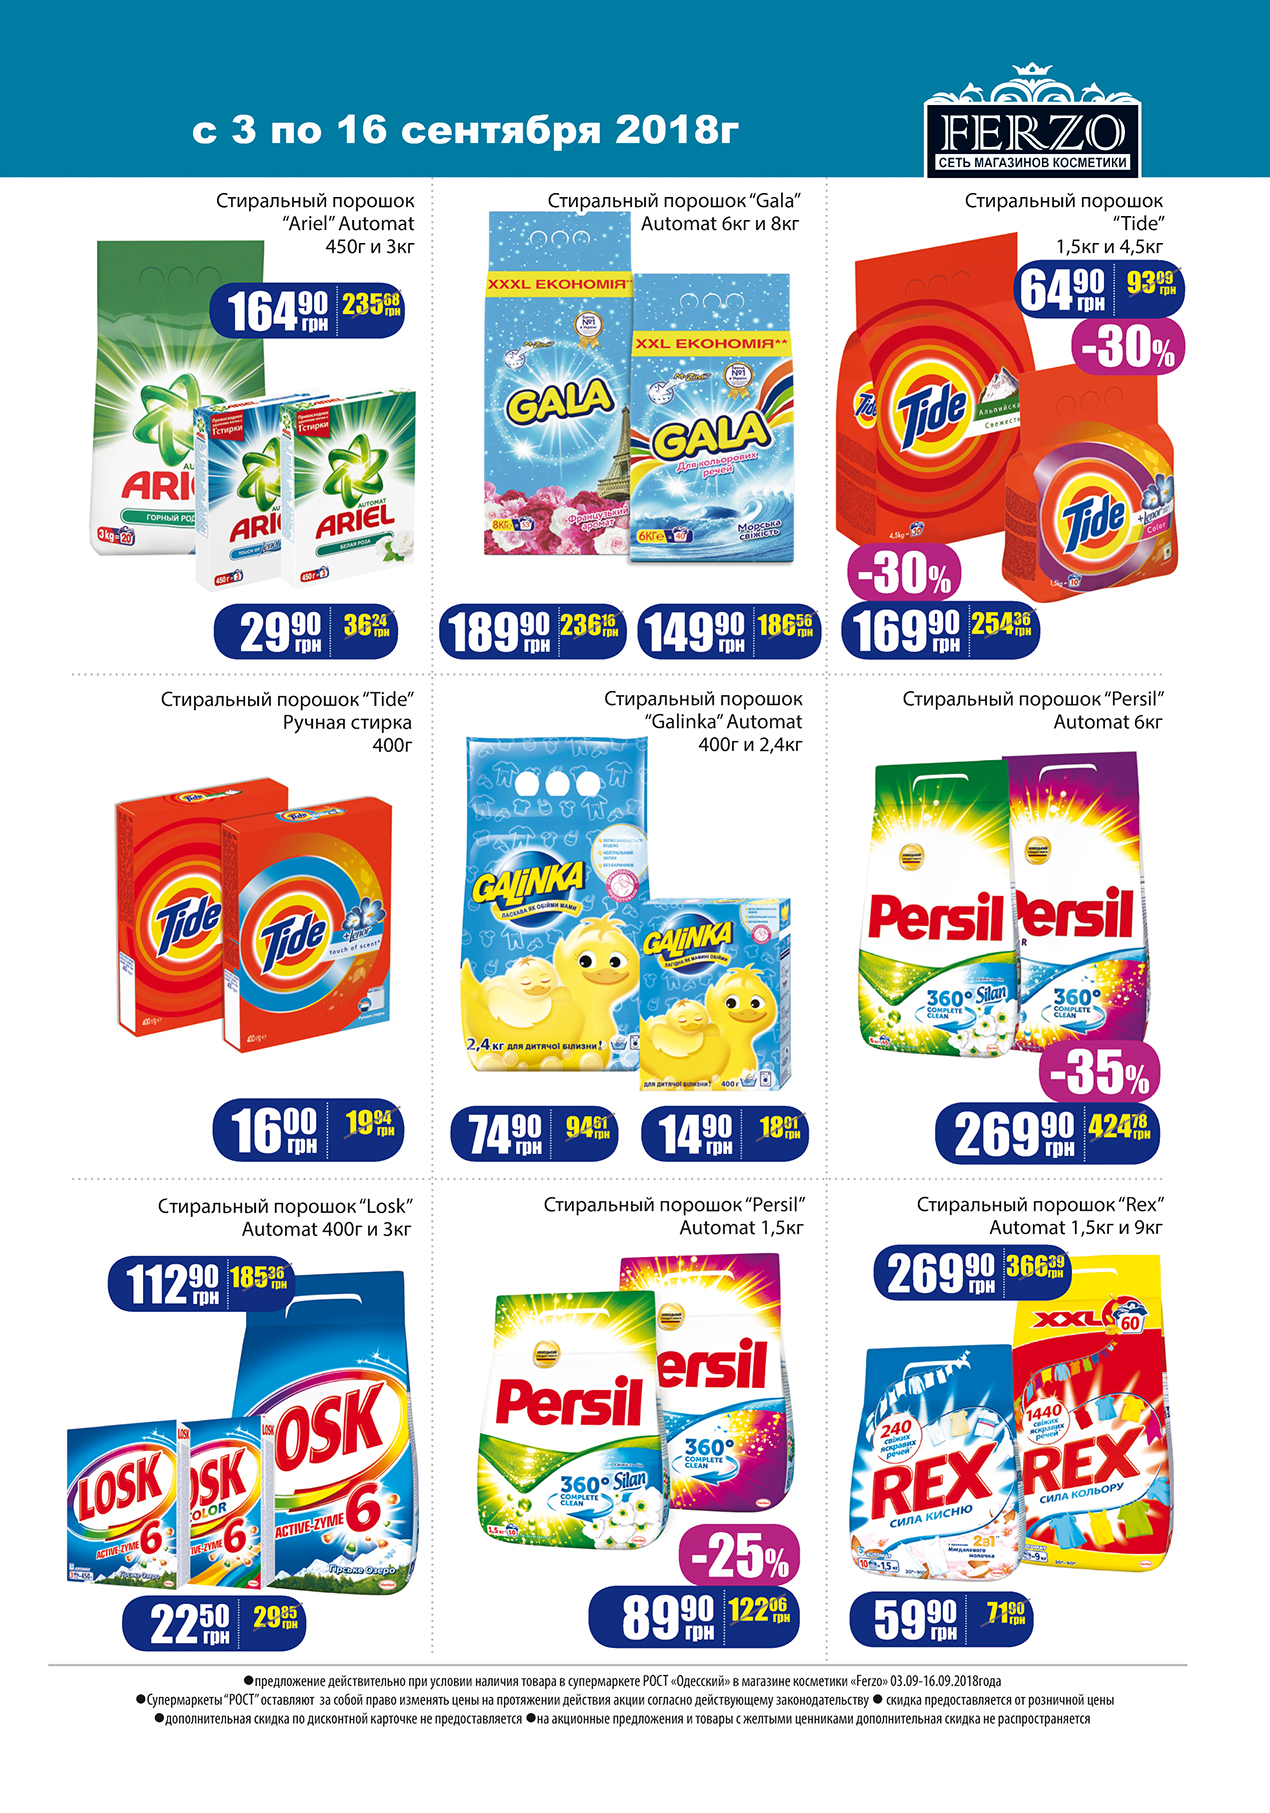 bytovaya_himiya_03-09-16-09_ferzo_print_page3